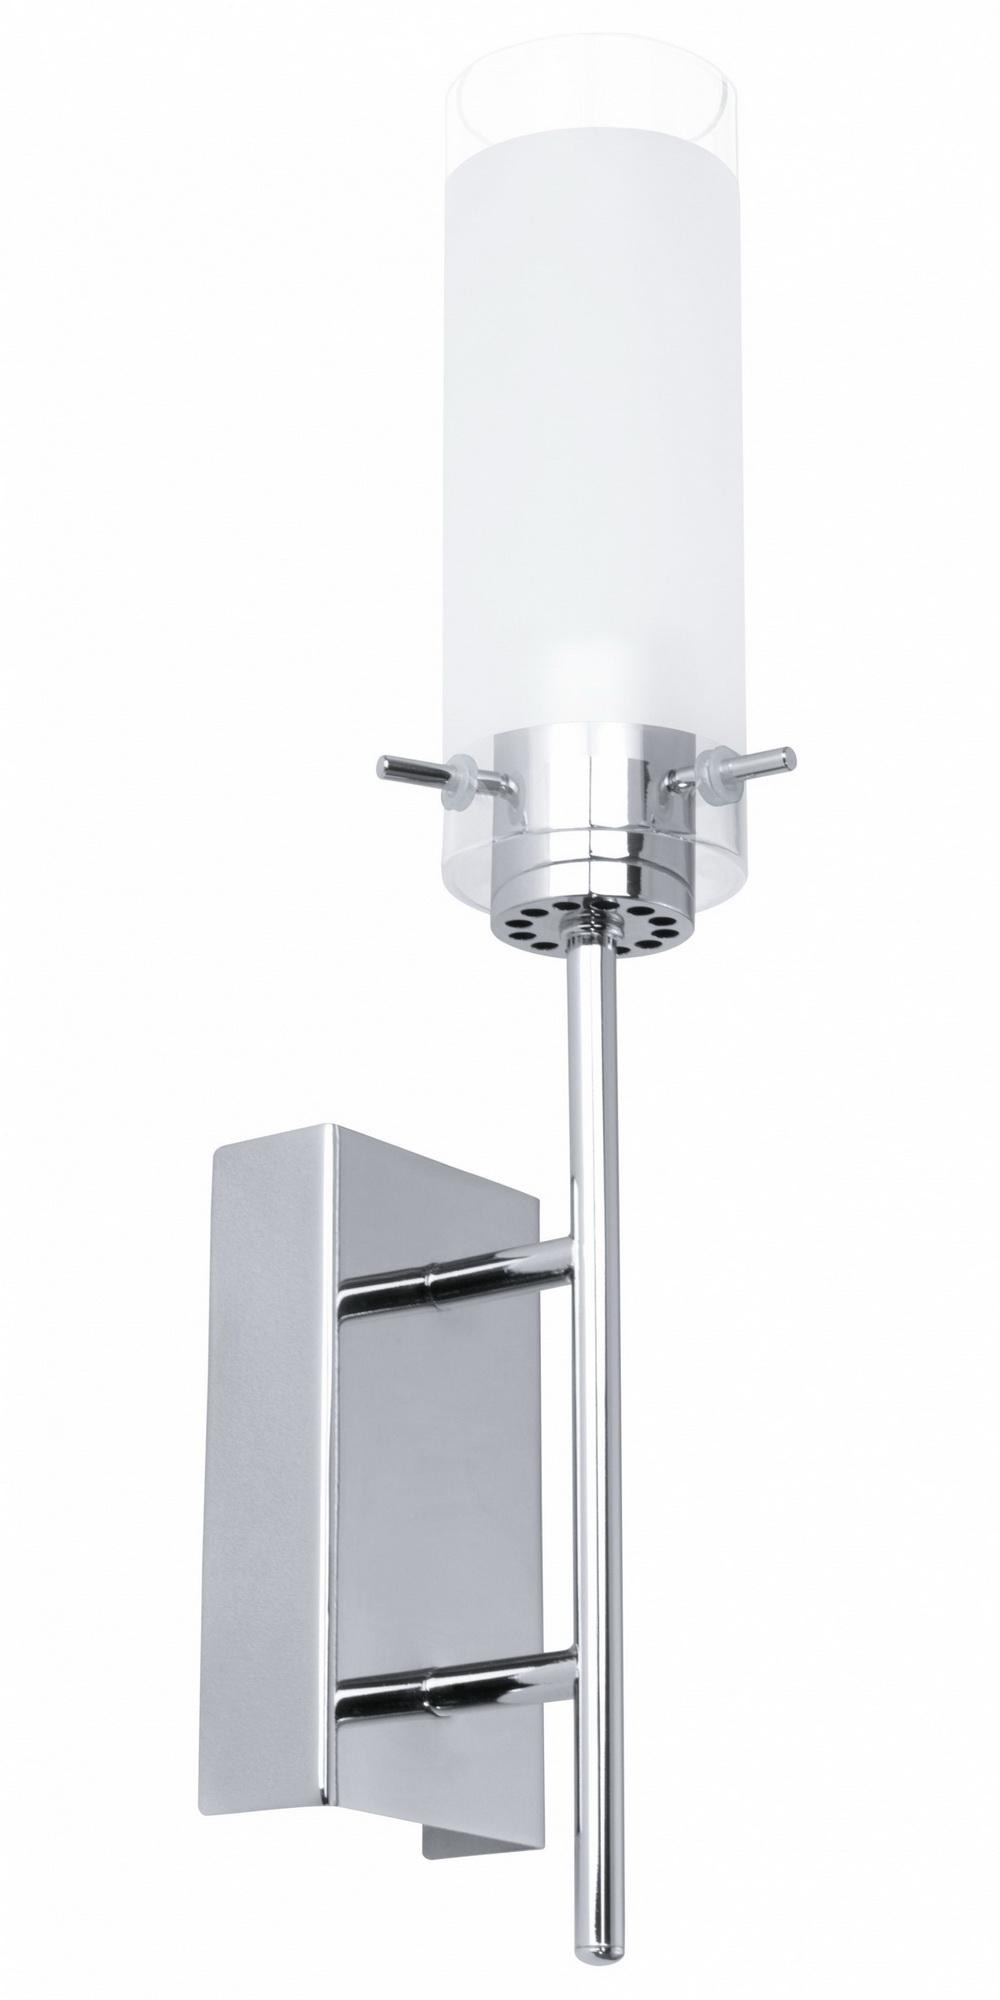 Светильник настенно-потолочный Eglo Aggius 91547 кордщетка атака 26588